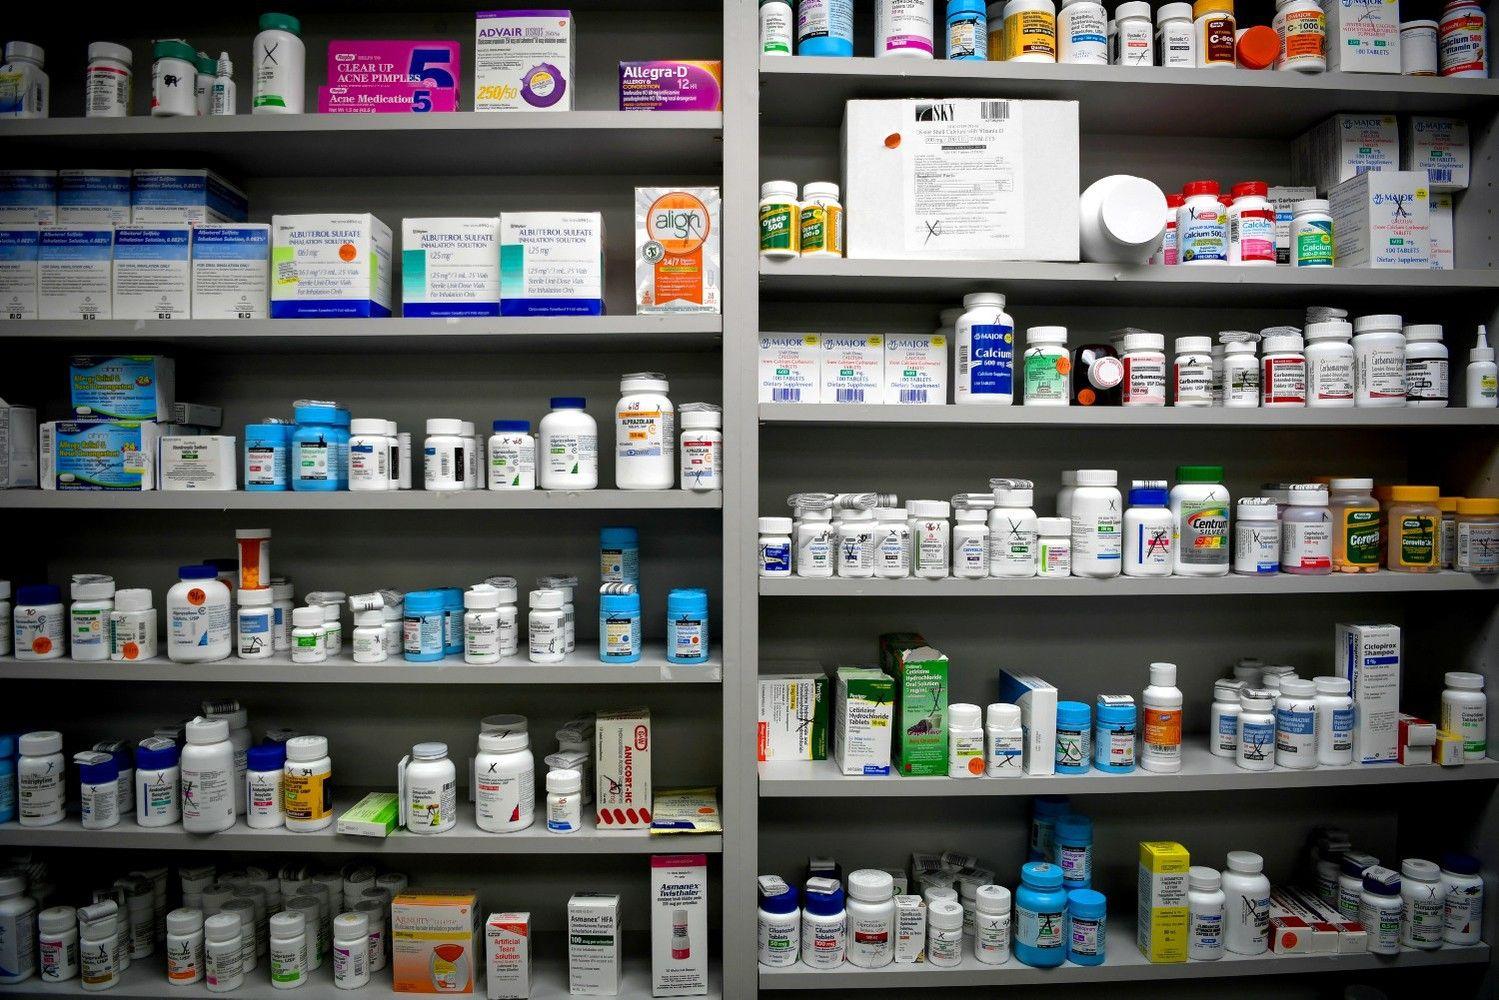 Didieji pasaulio vaistų gamintojai atvėrė piniginę